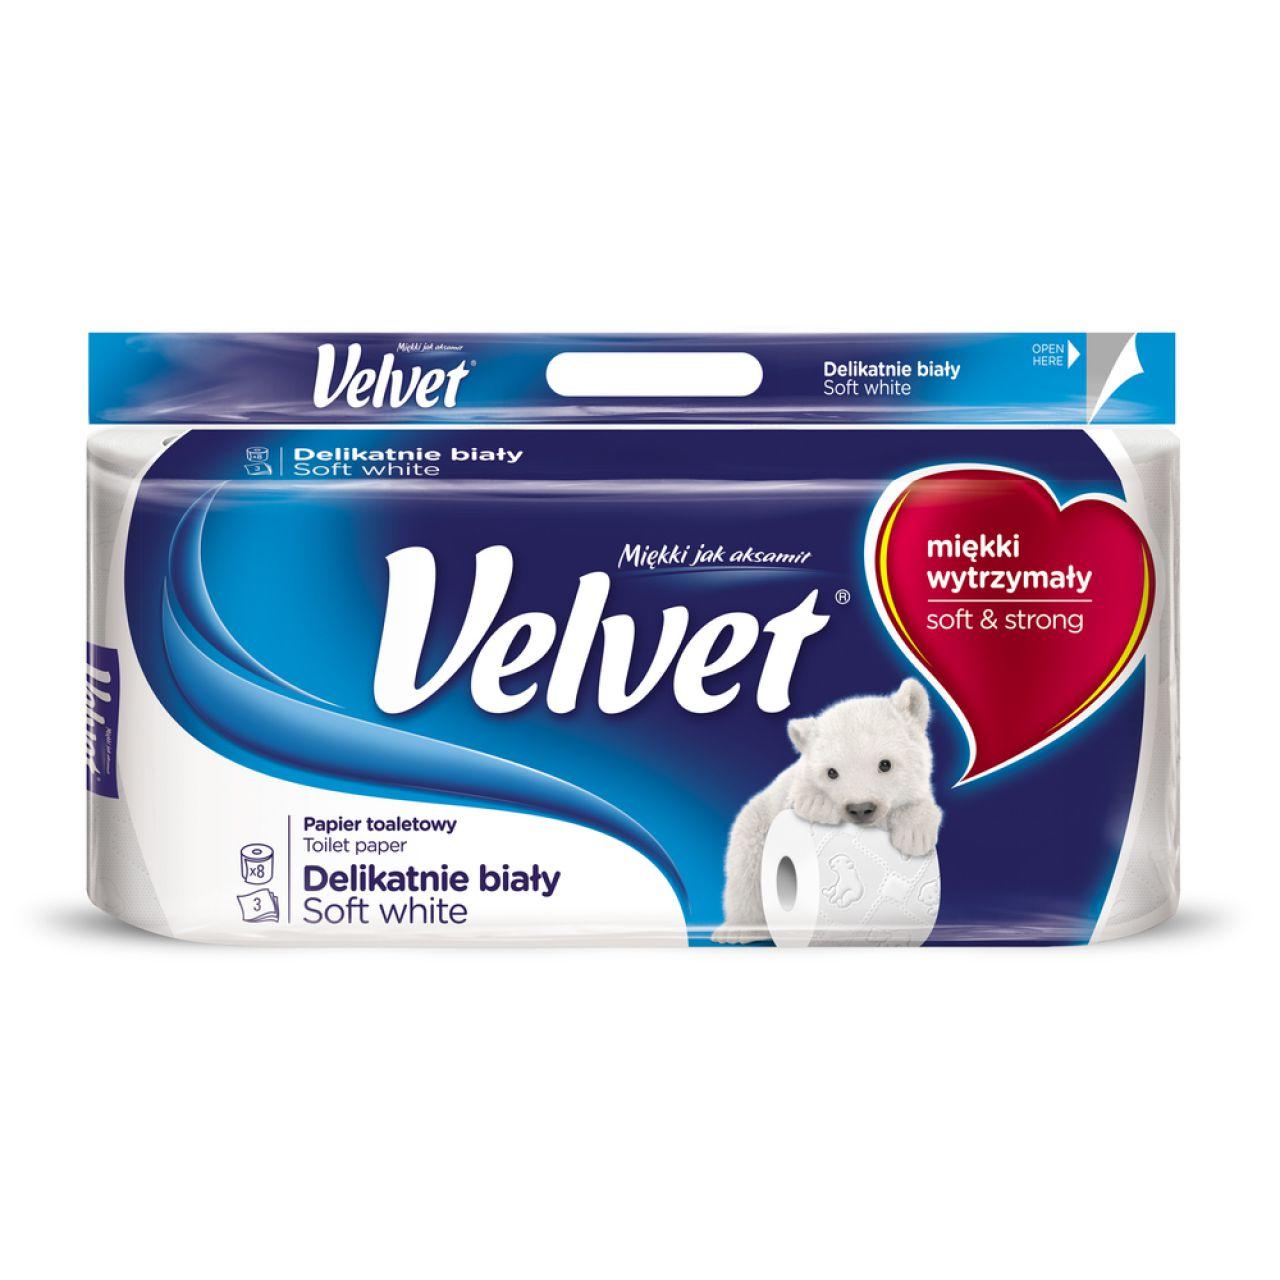 Papier toaletowy VELVET delikatnie biały (8)